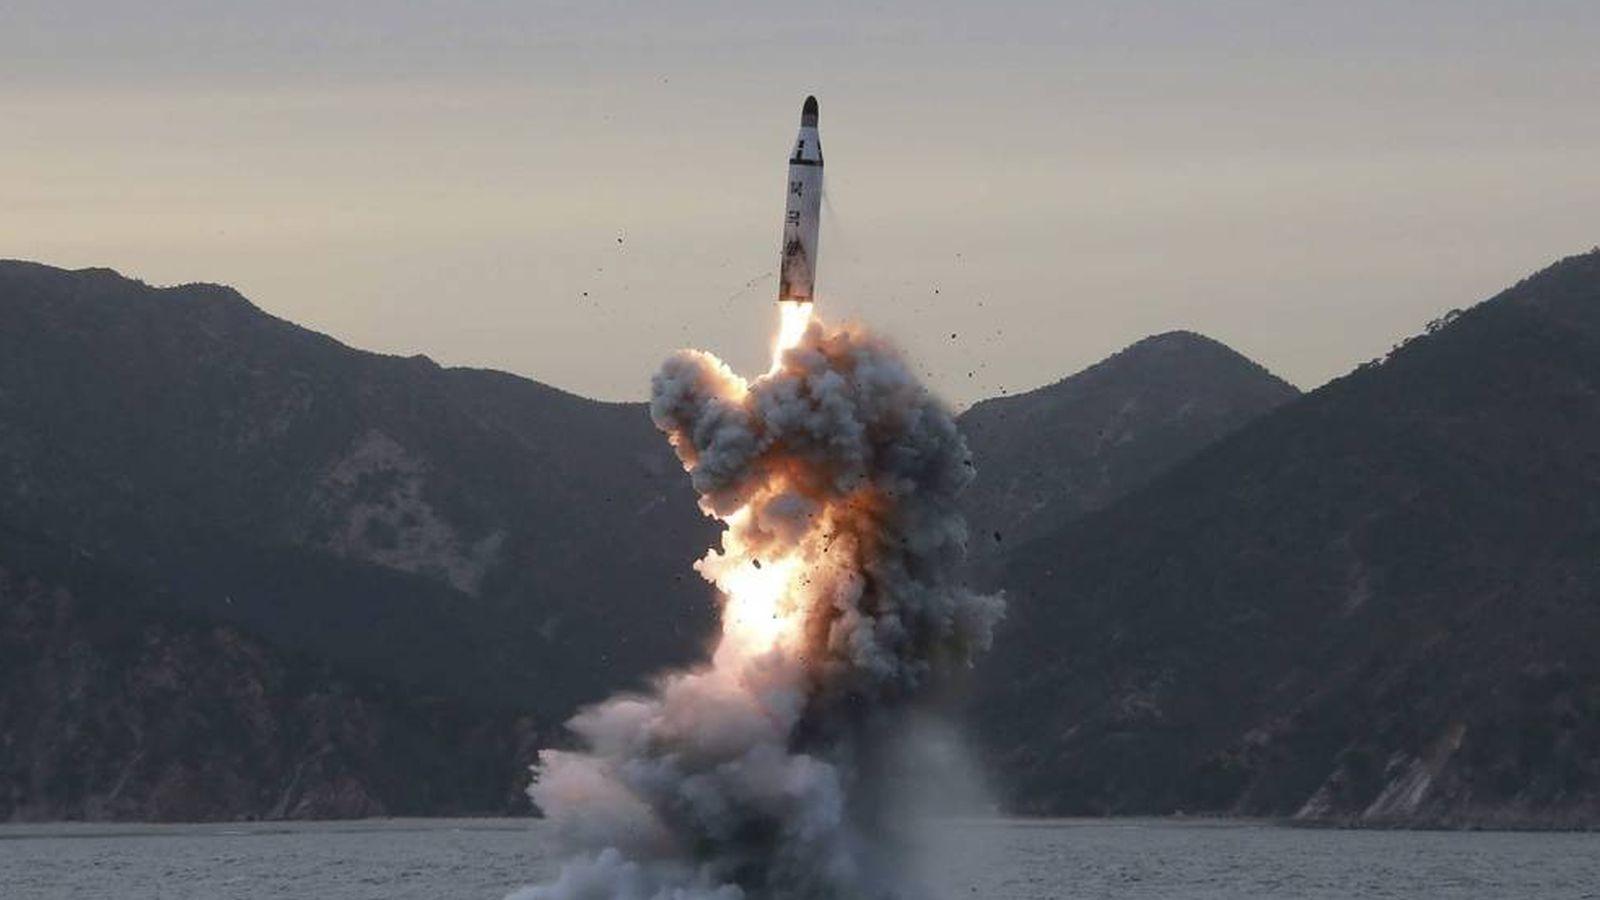 Foto: Fotografía de archivo del lanzamiento de un misil balístico realizado por Corea del Norte. (EFE)